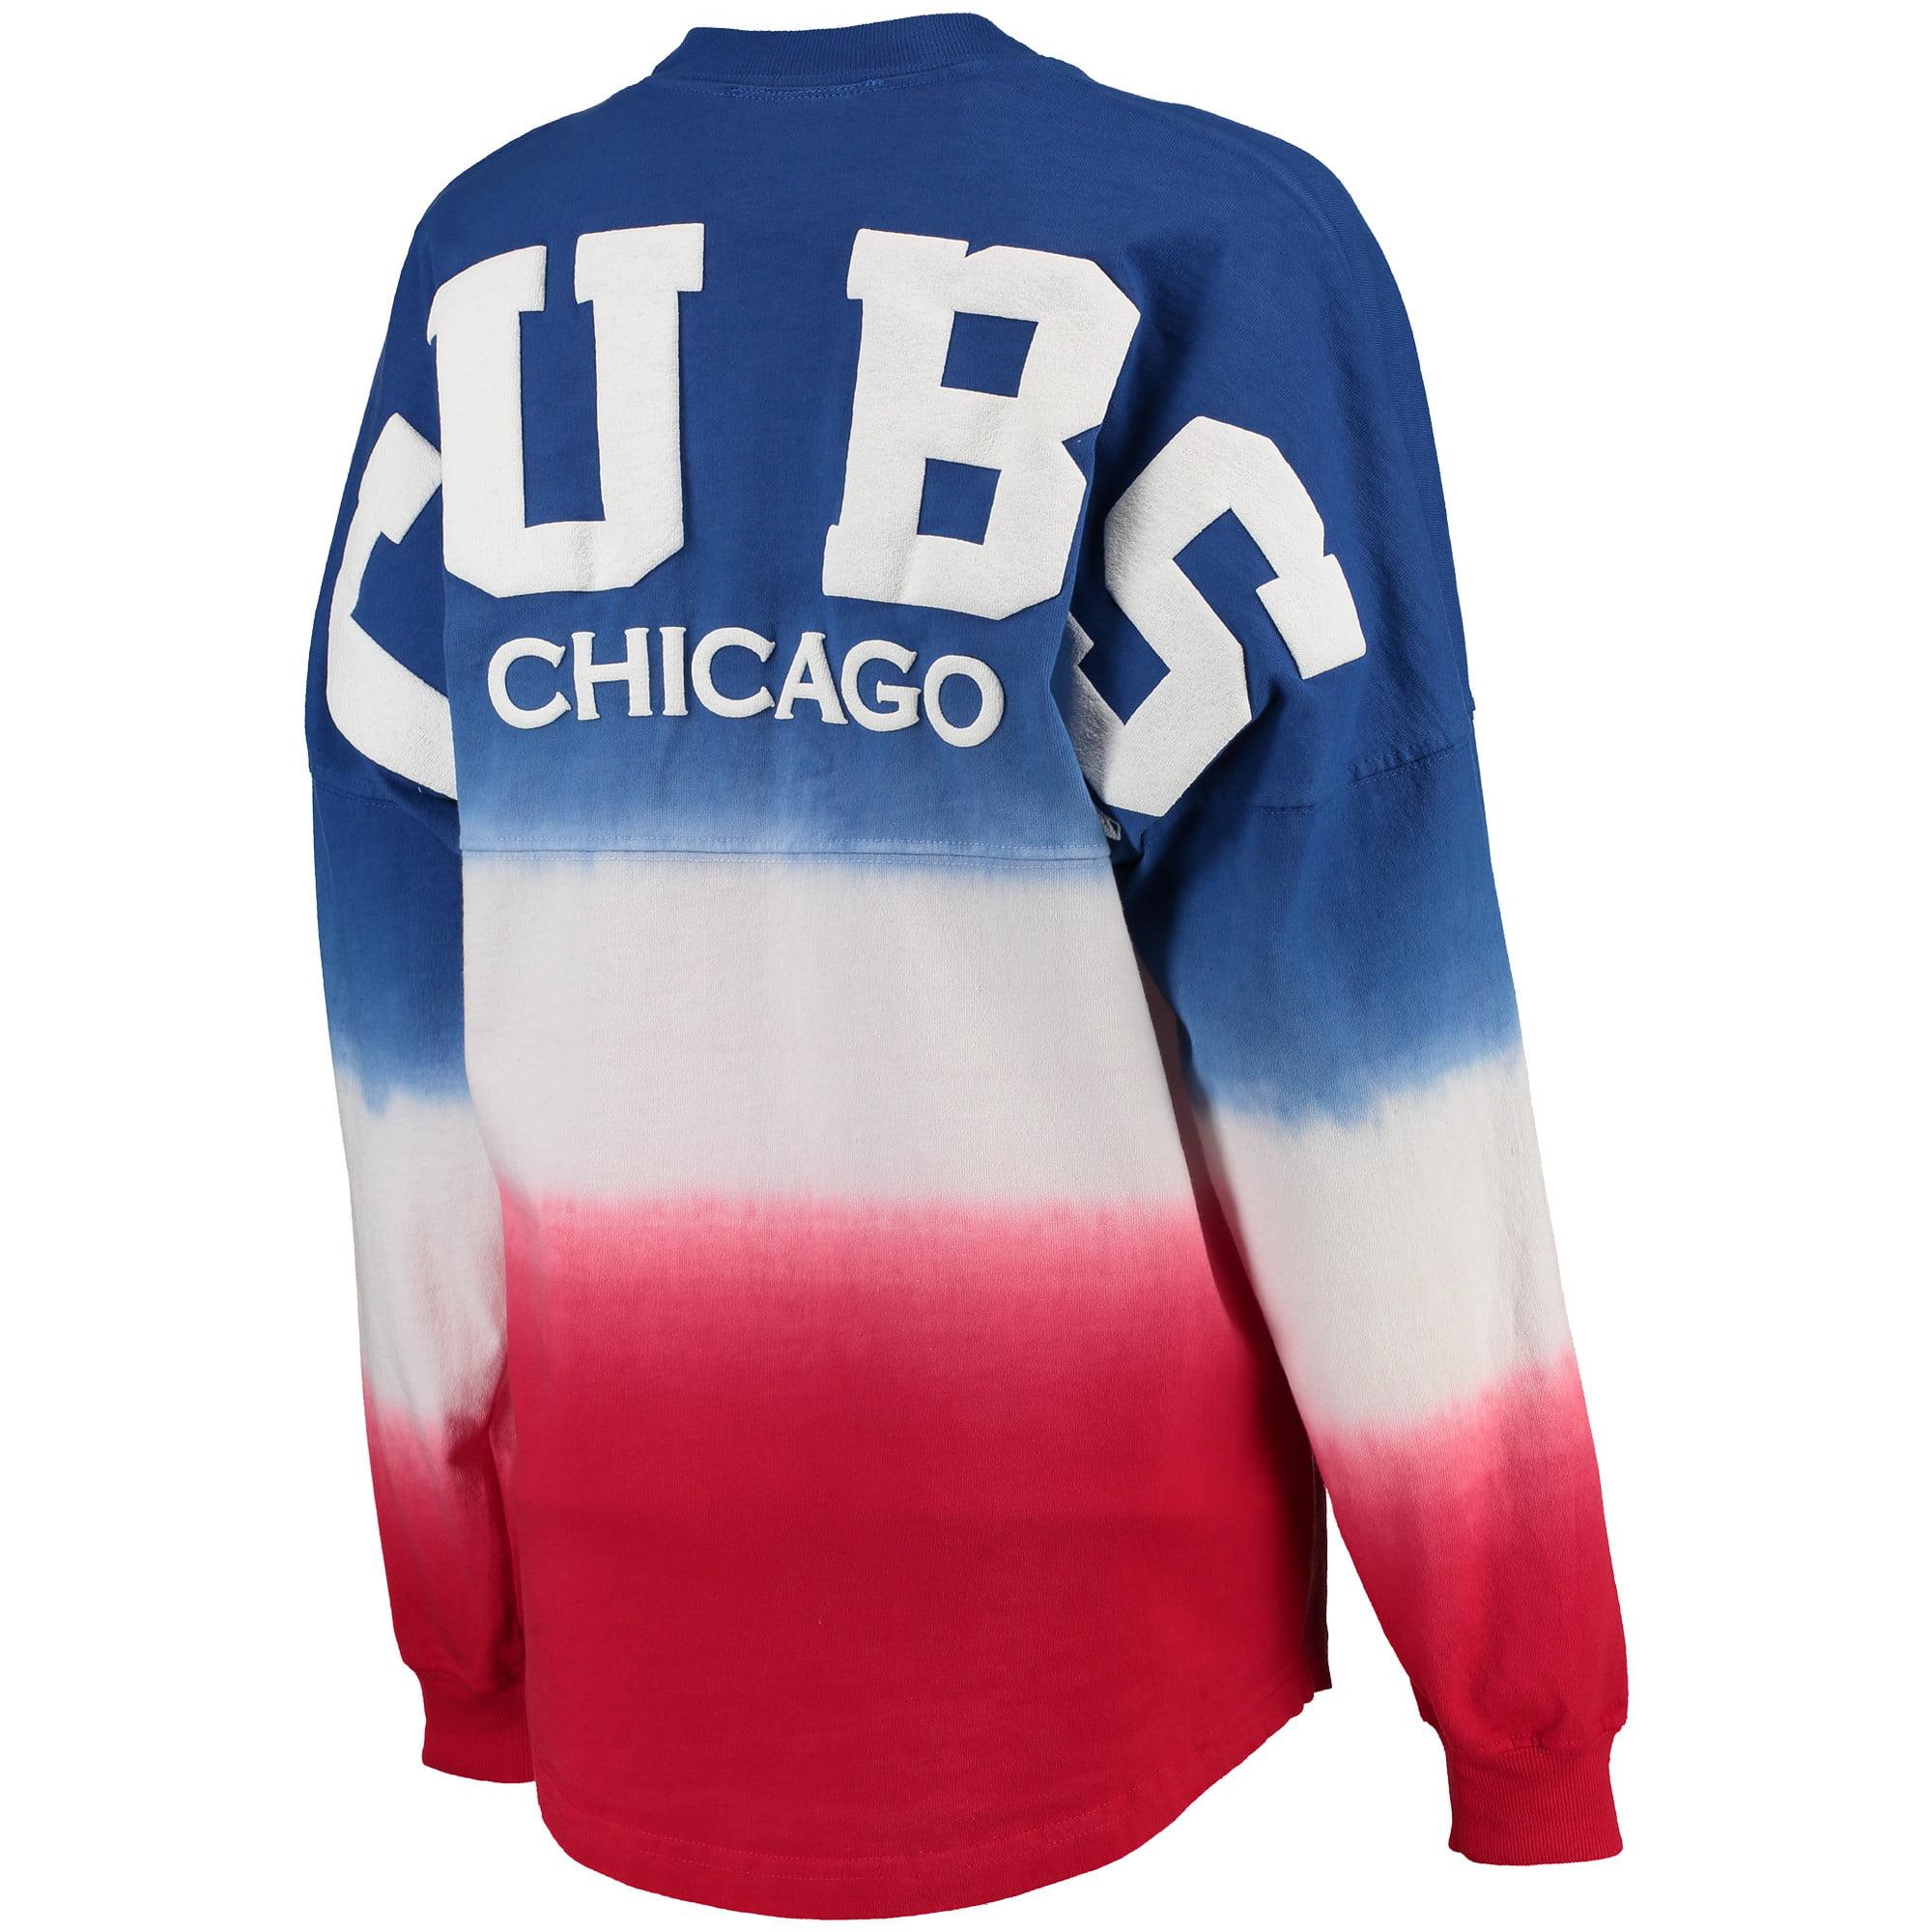 ce01c46dd4b17 Chicago Cubs Women's Oversized Long Sleeve Ombre Spirit Jersey T-Shirt -  Royal - Walmart.com